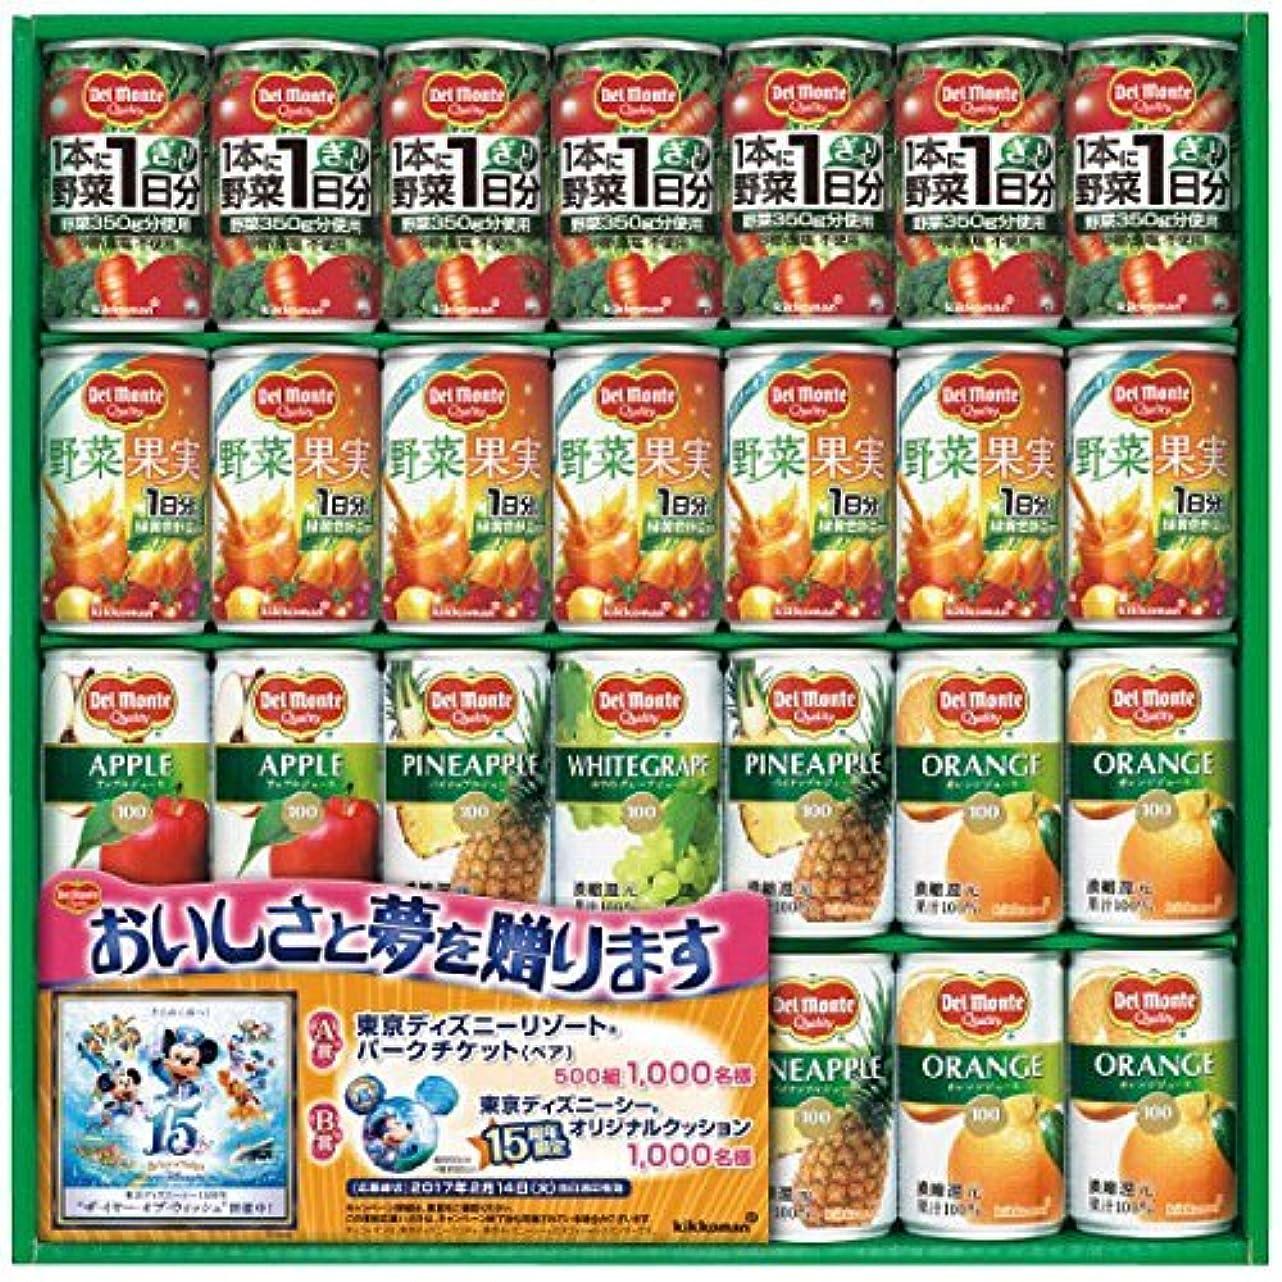 くつろぎ後世幾何学デルモンテ野菜?果汁混合飲料ギフト FVJ-30